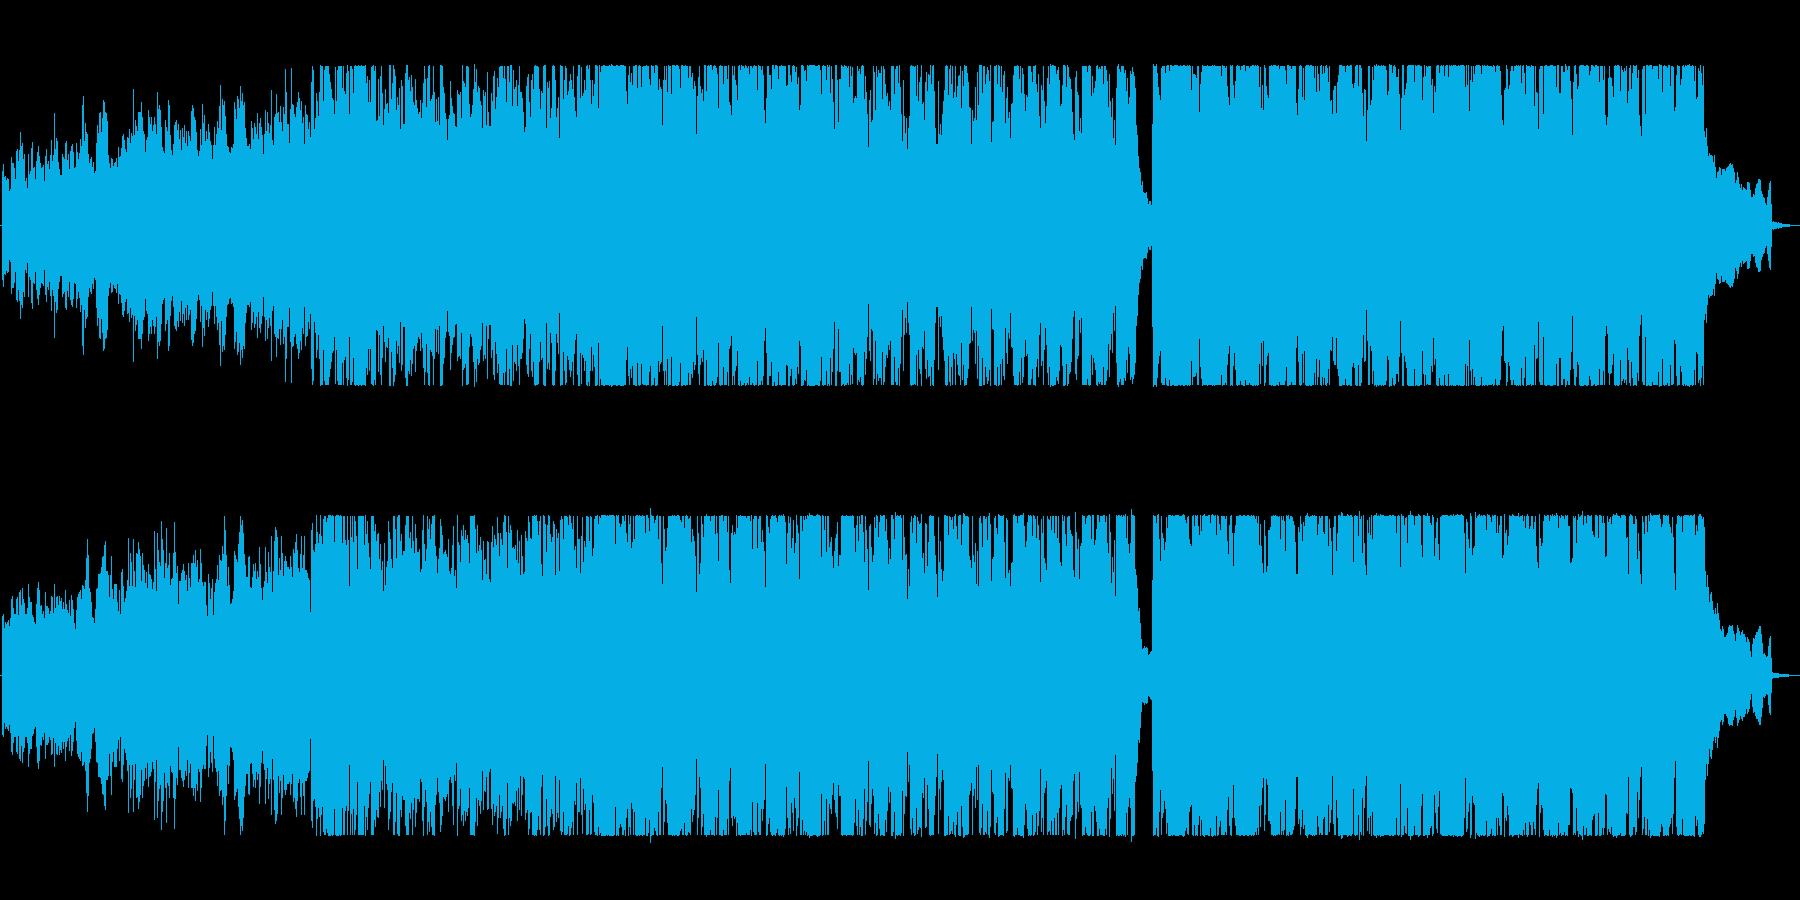 映画に合うかっこいいピアノBGMの再生済みの波形